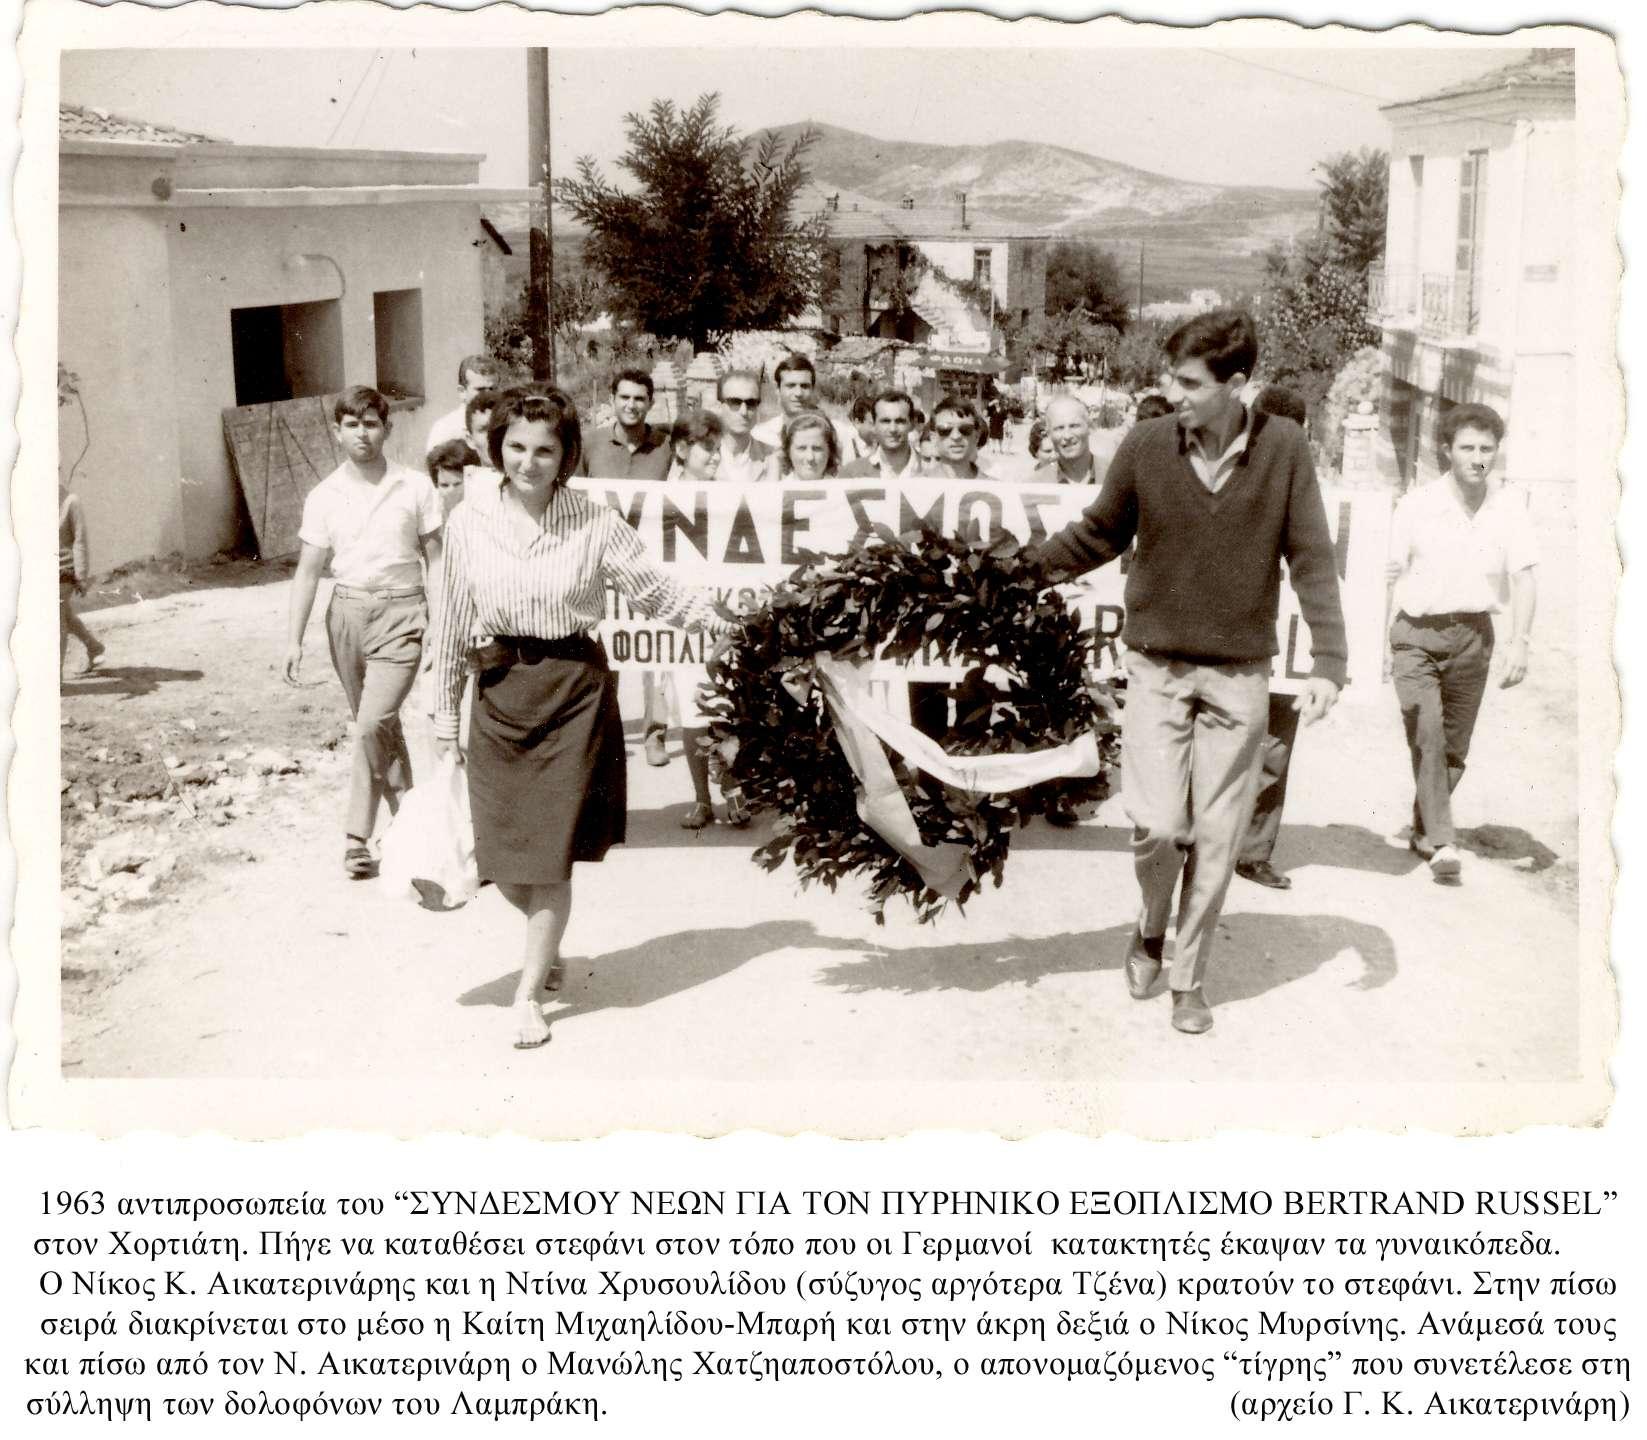 Στη μνήμη του Νίκου Αικατερινάρη (1944 – 1977)